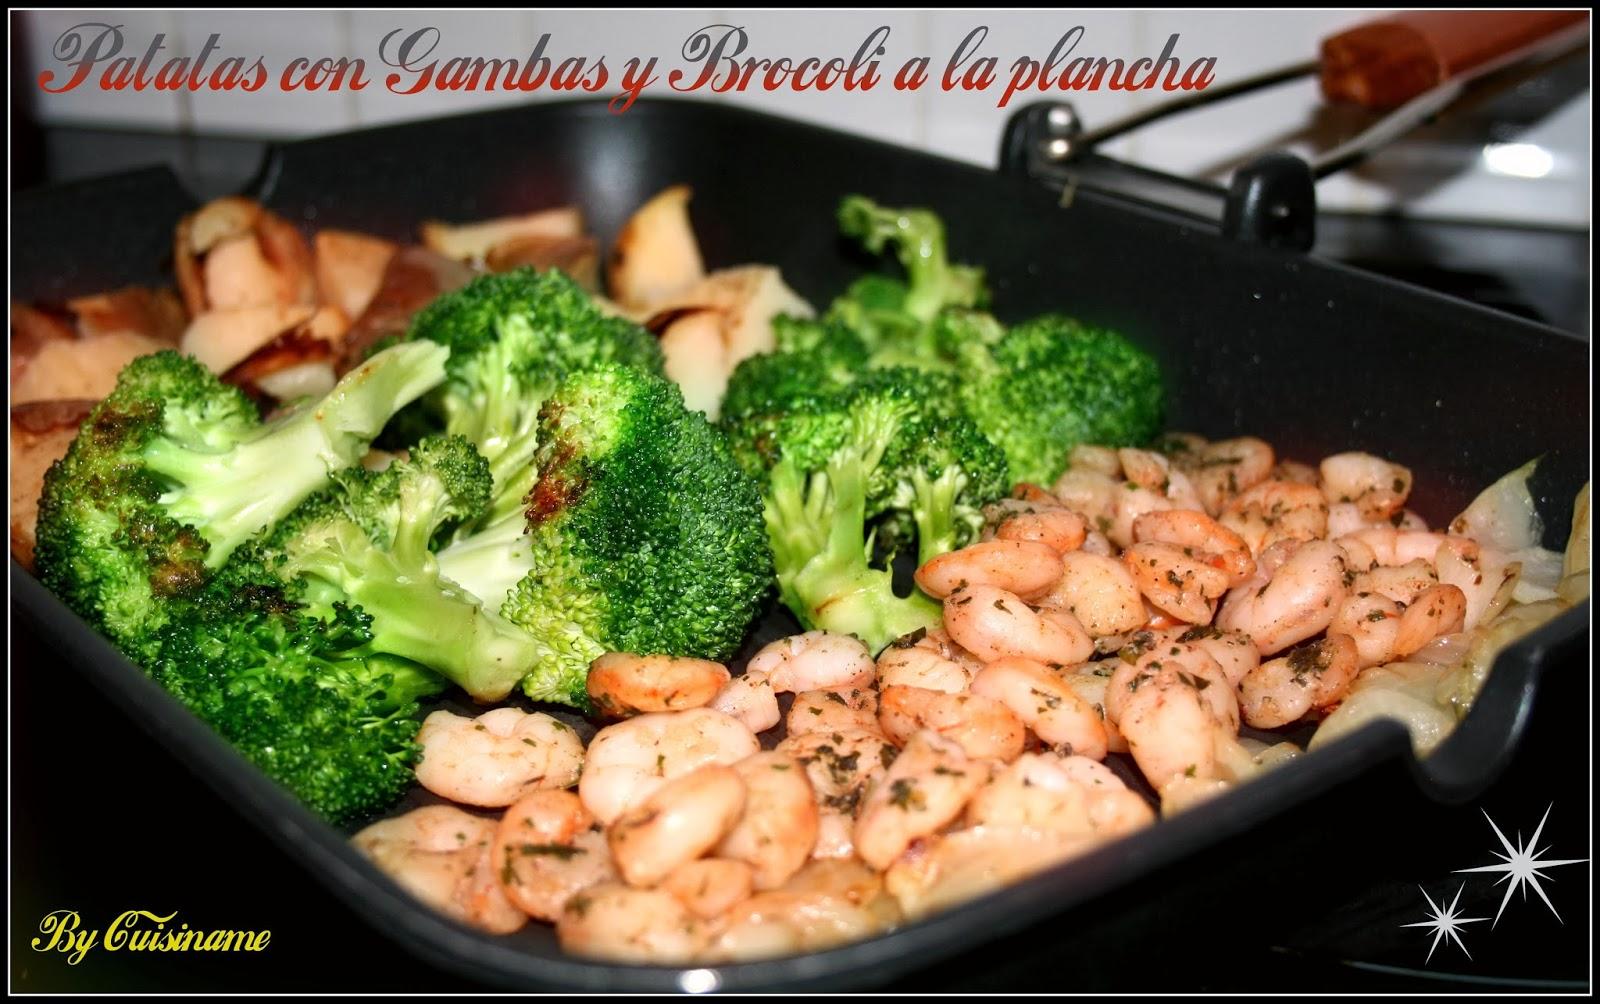 Recetas De Cocina Faciles Y Sanas | Recetas De Cocina Cuisiname